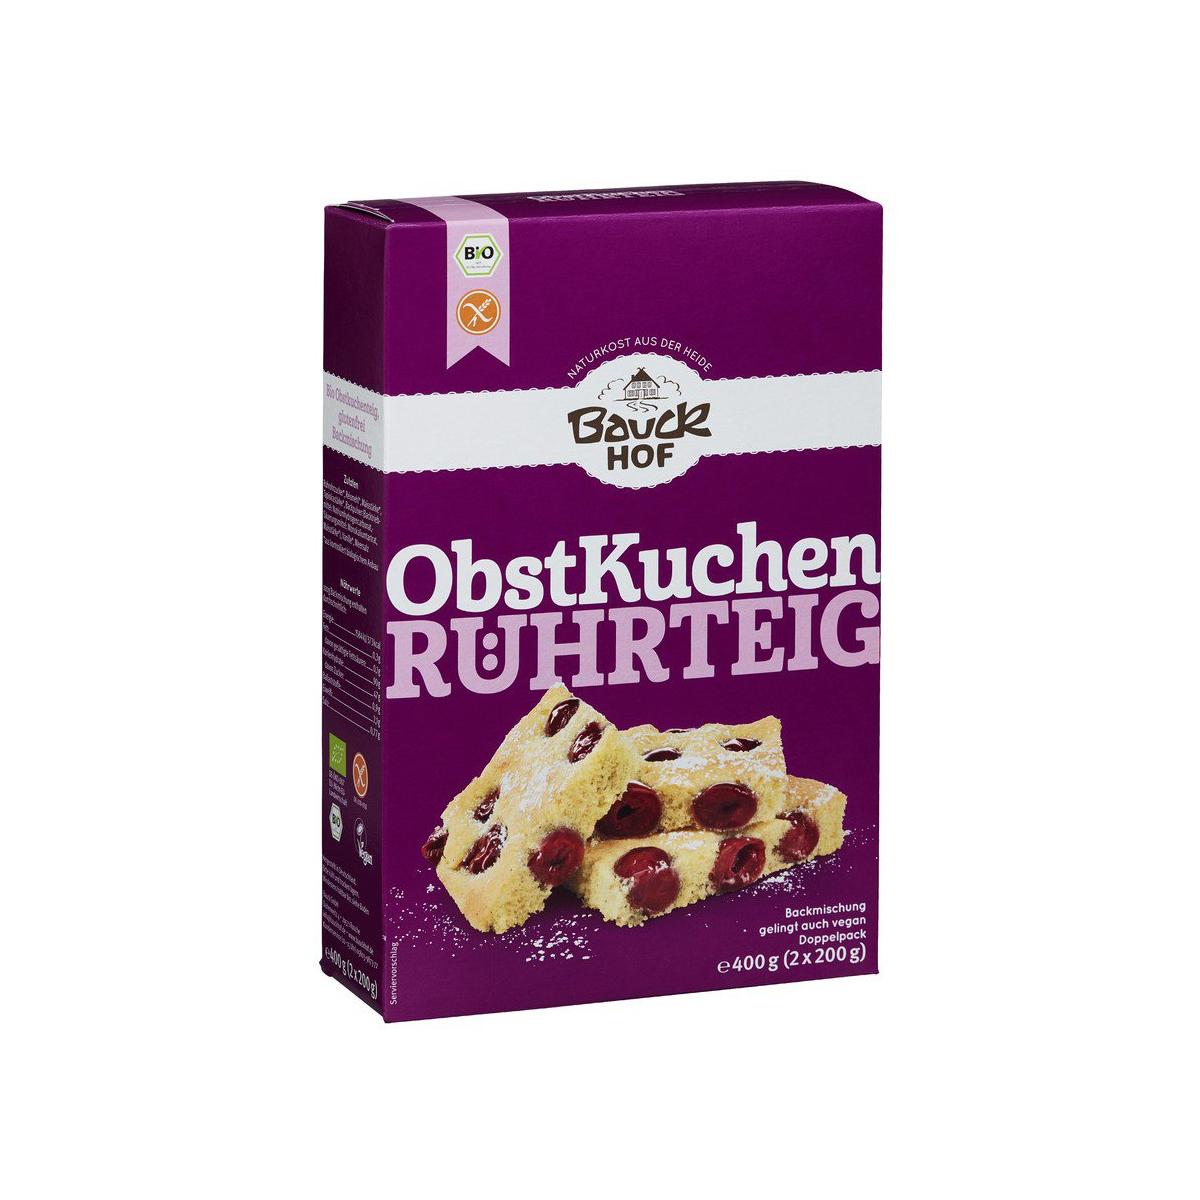 Bio Obstkuchenteit Bauck glutenfrei